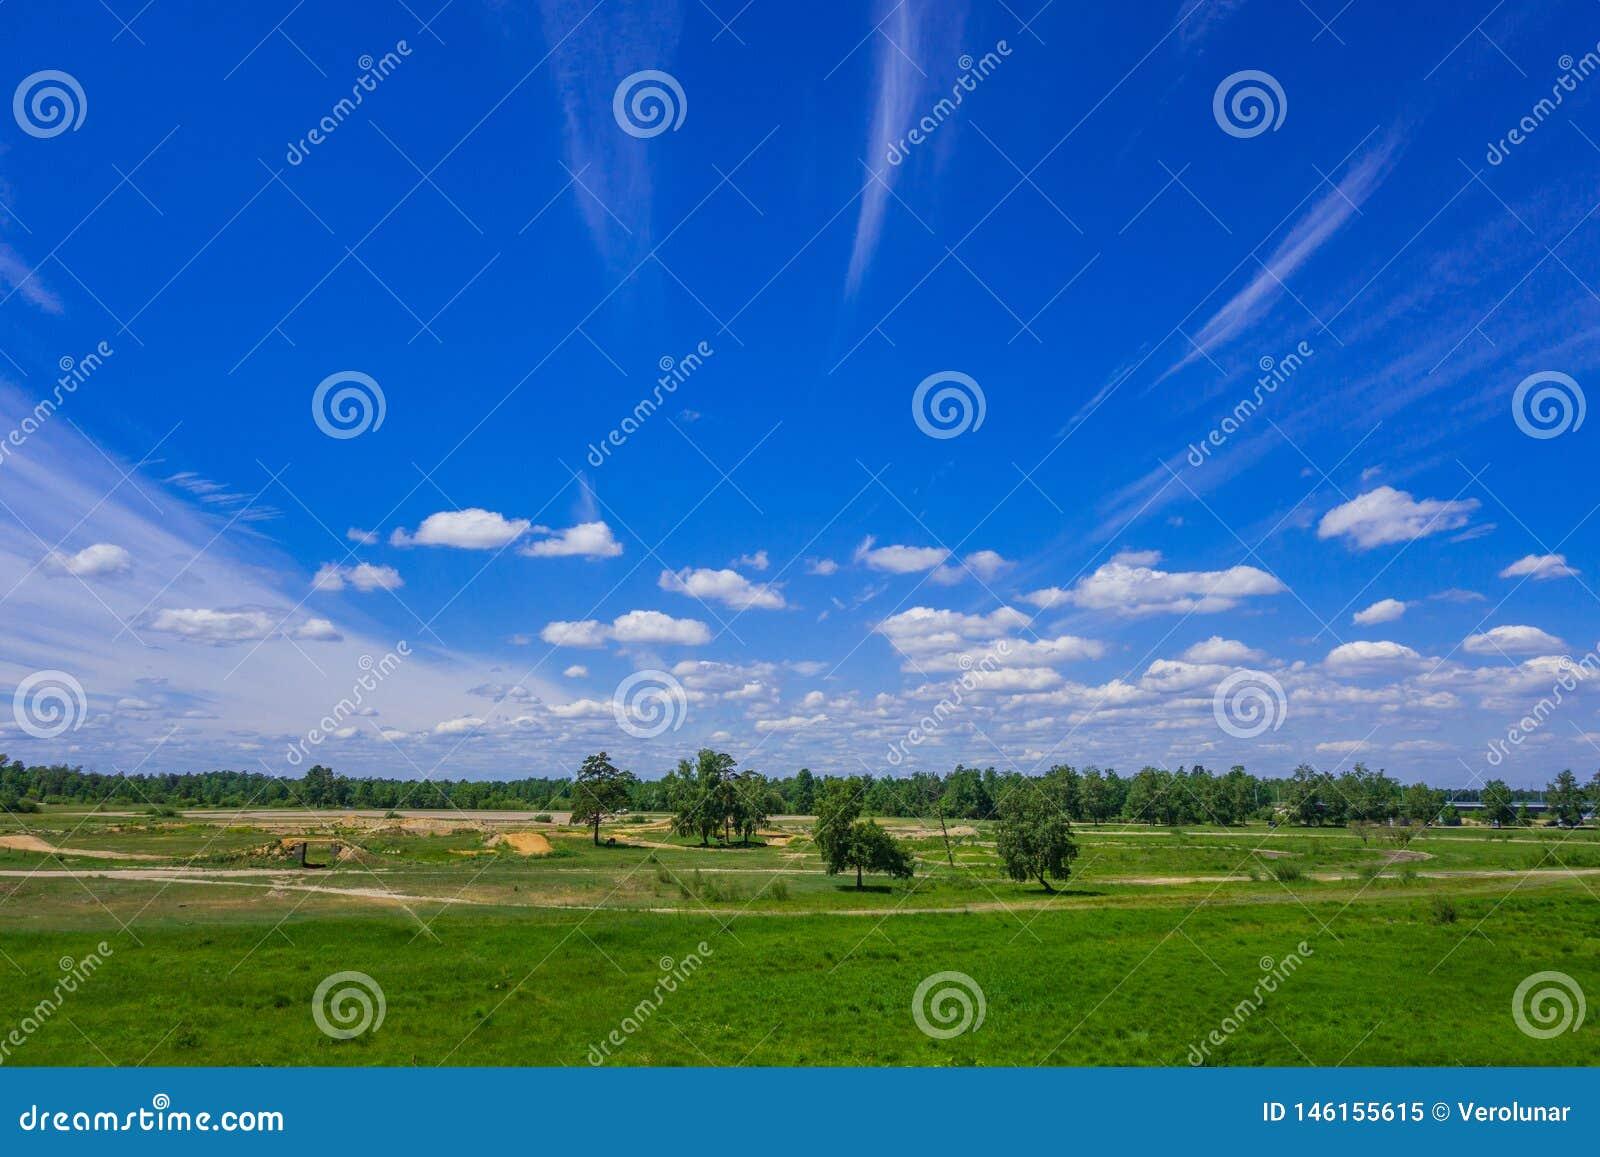 Sommerlandschaftsblauer Himmel mit wei?en wispy Wolken